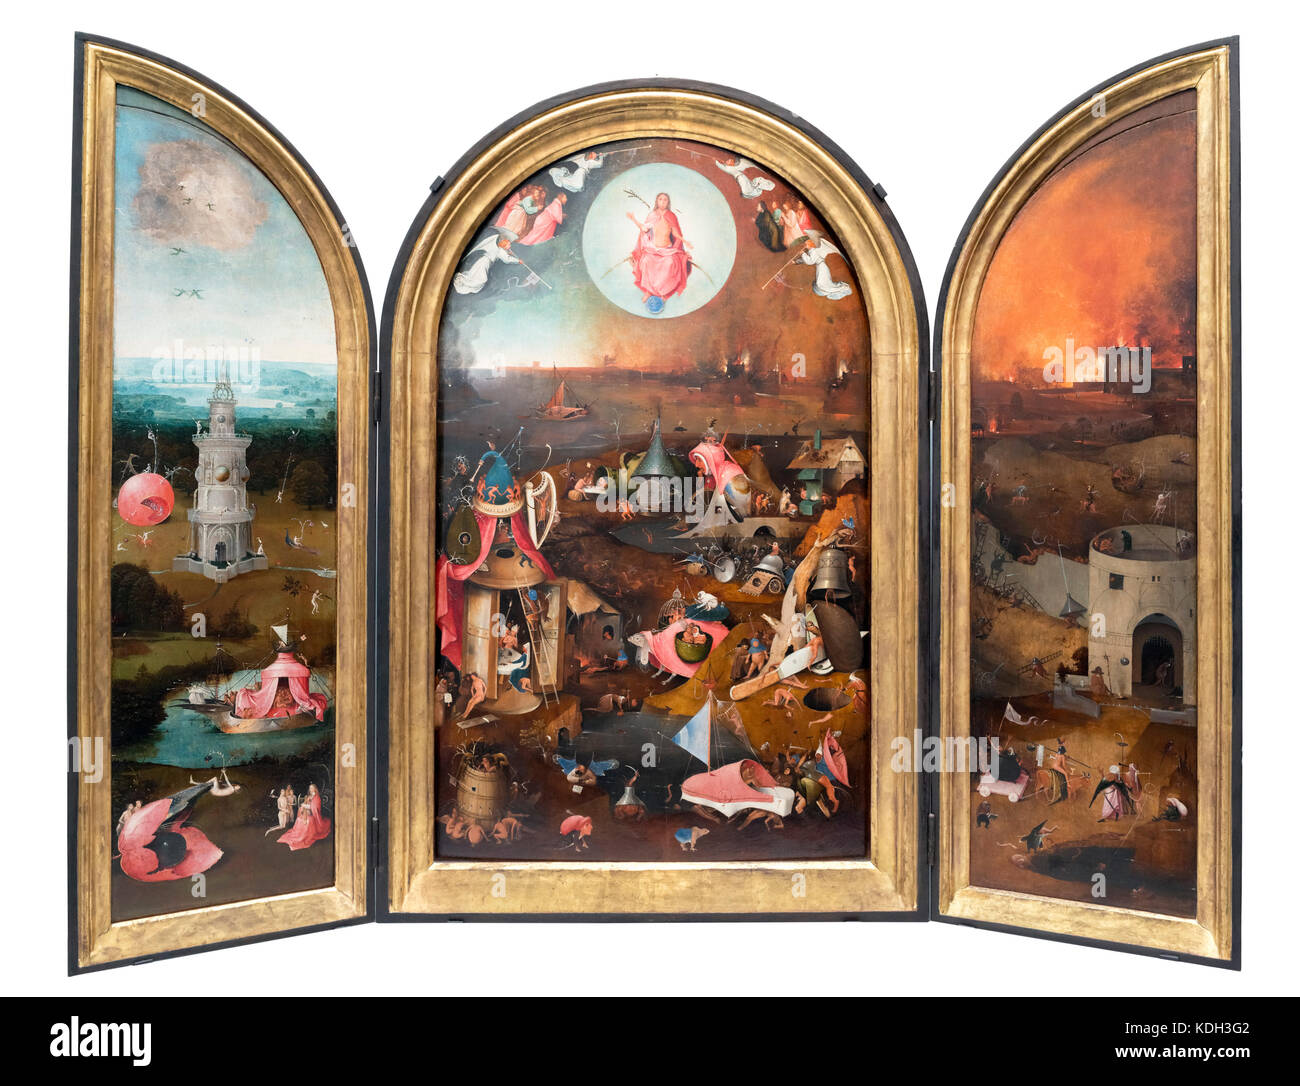 Triptyque du Jugement dernier de Jérôme Bosch (c.1450-1516), huile sur panneau, c.1500-1505. Photo Stock